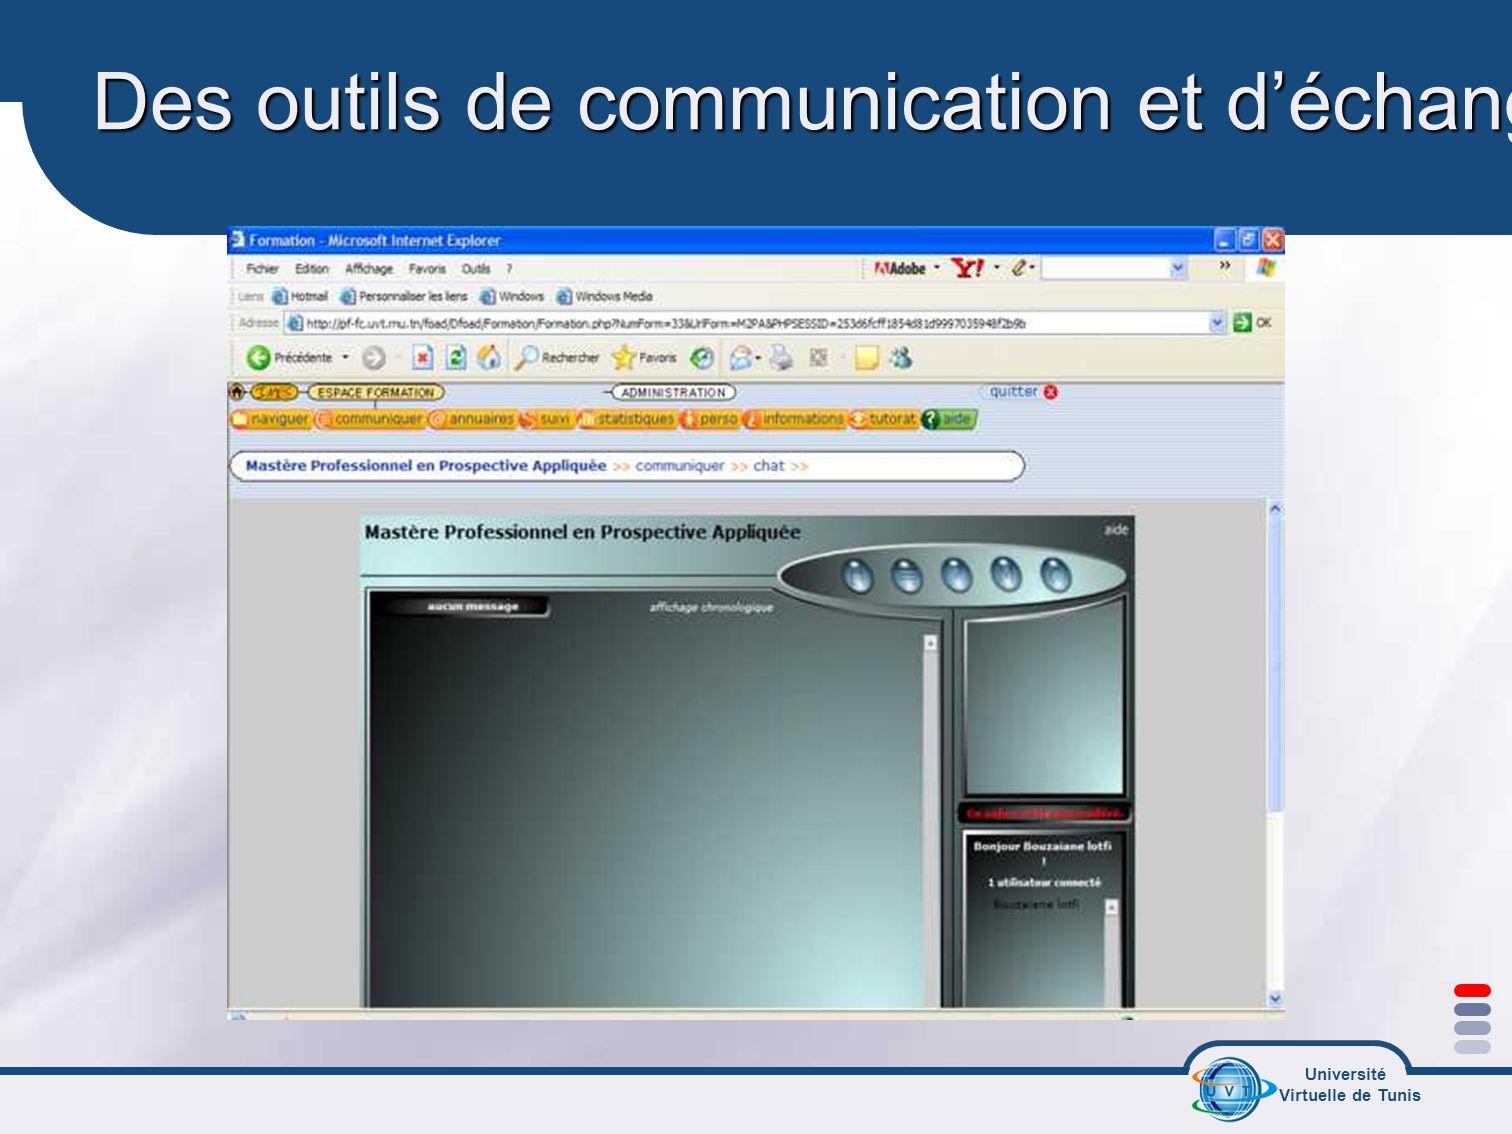 Des outils de communication et d'échanges synchrones